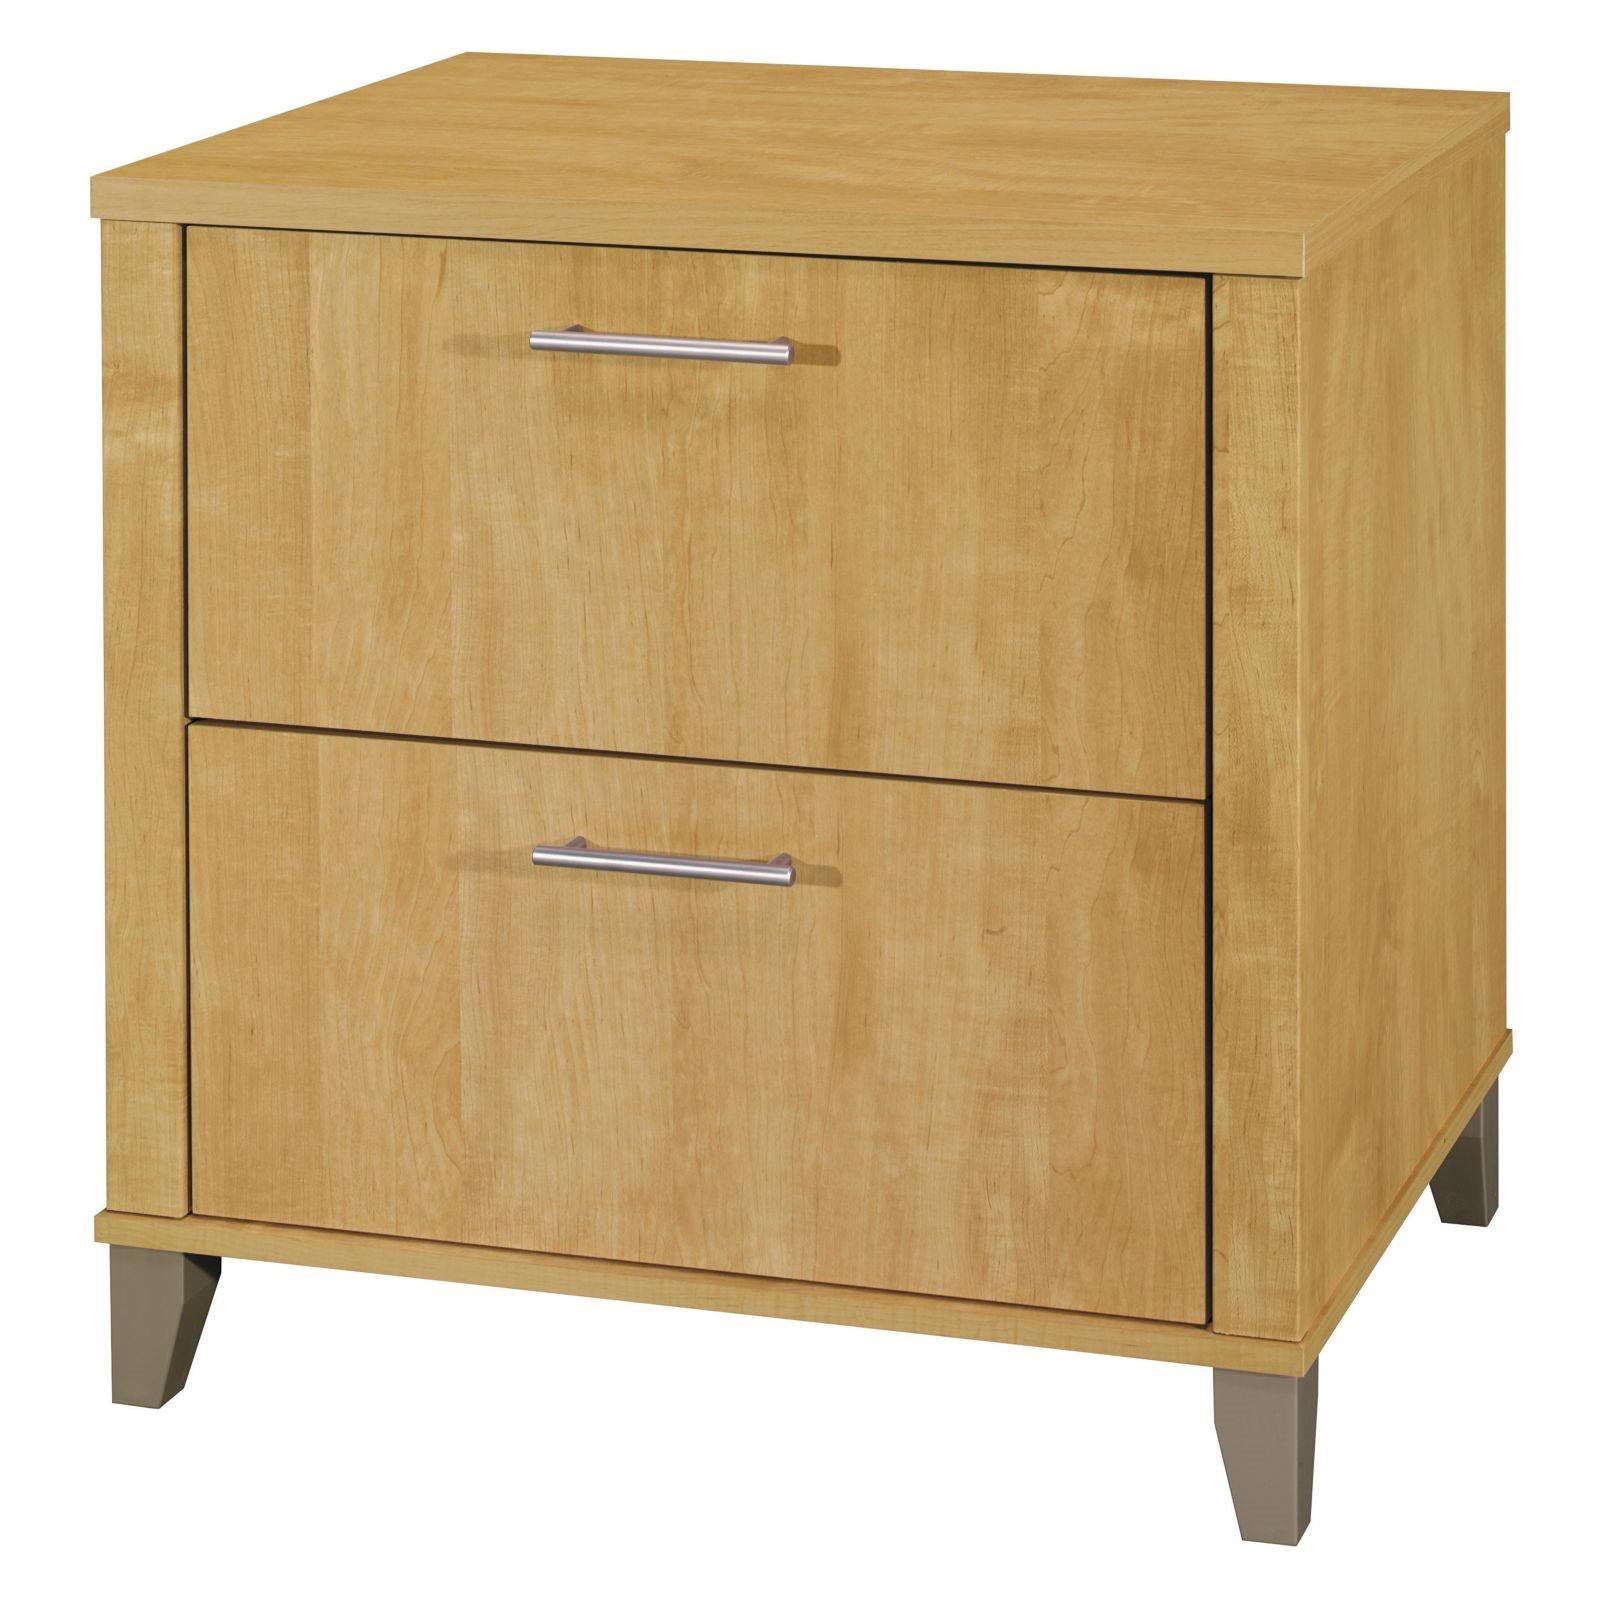 Bush furniture wc81480 30 lateral file cabinet bush wc81480 for Bush furniture